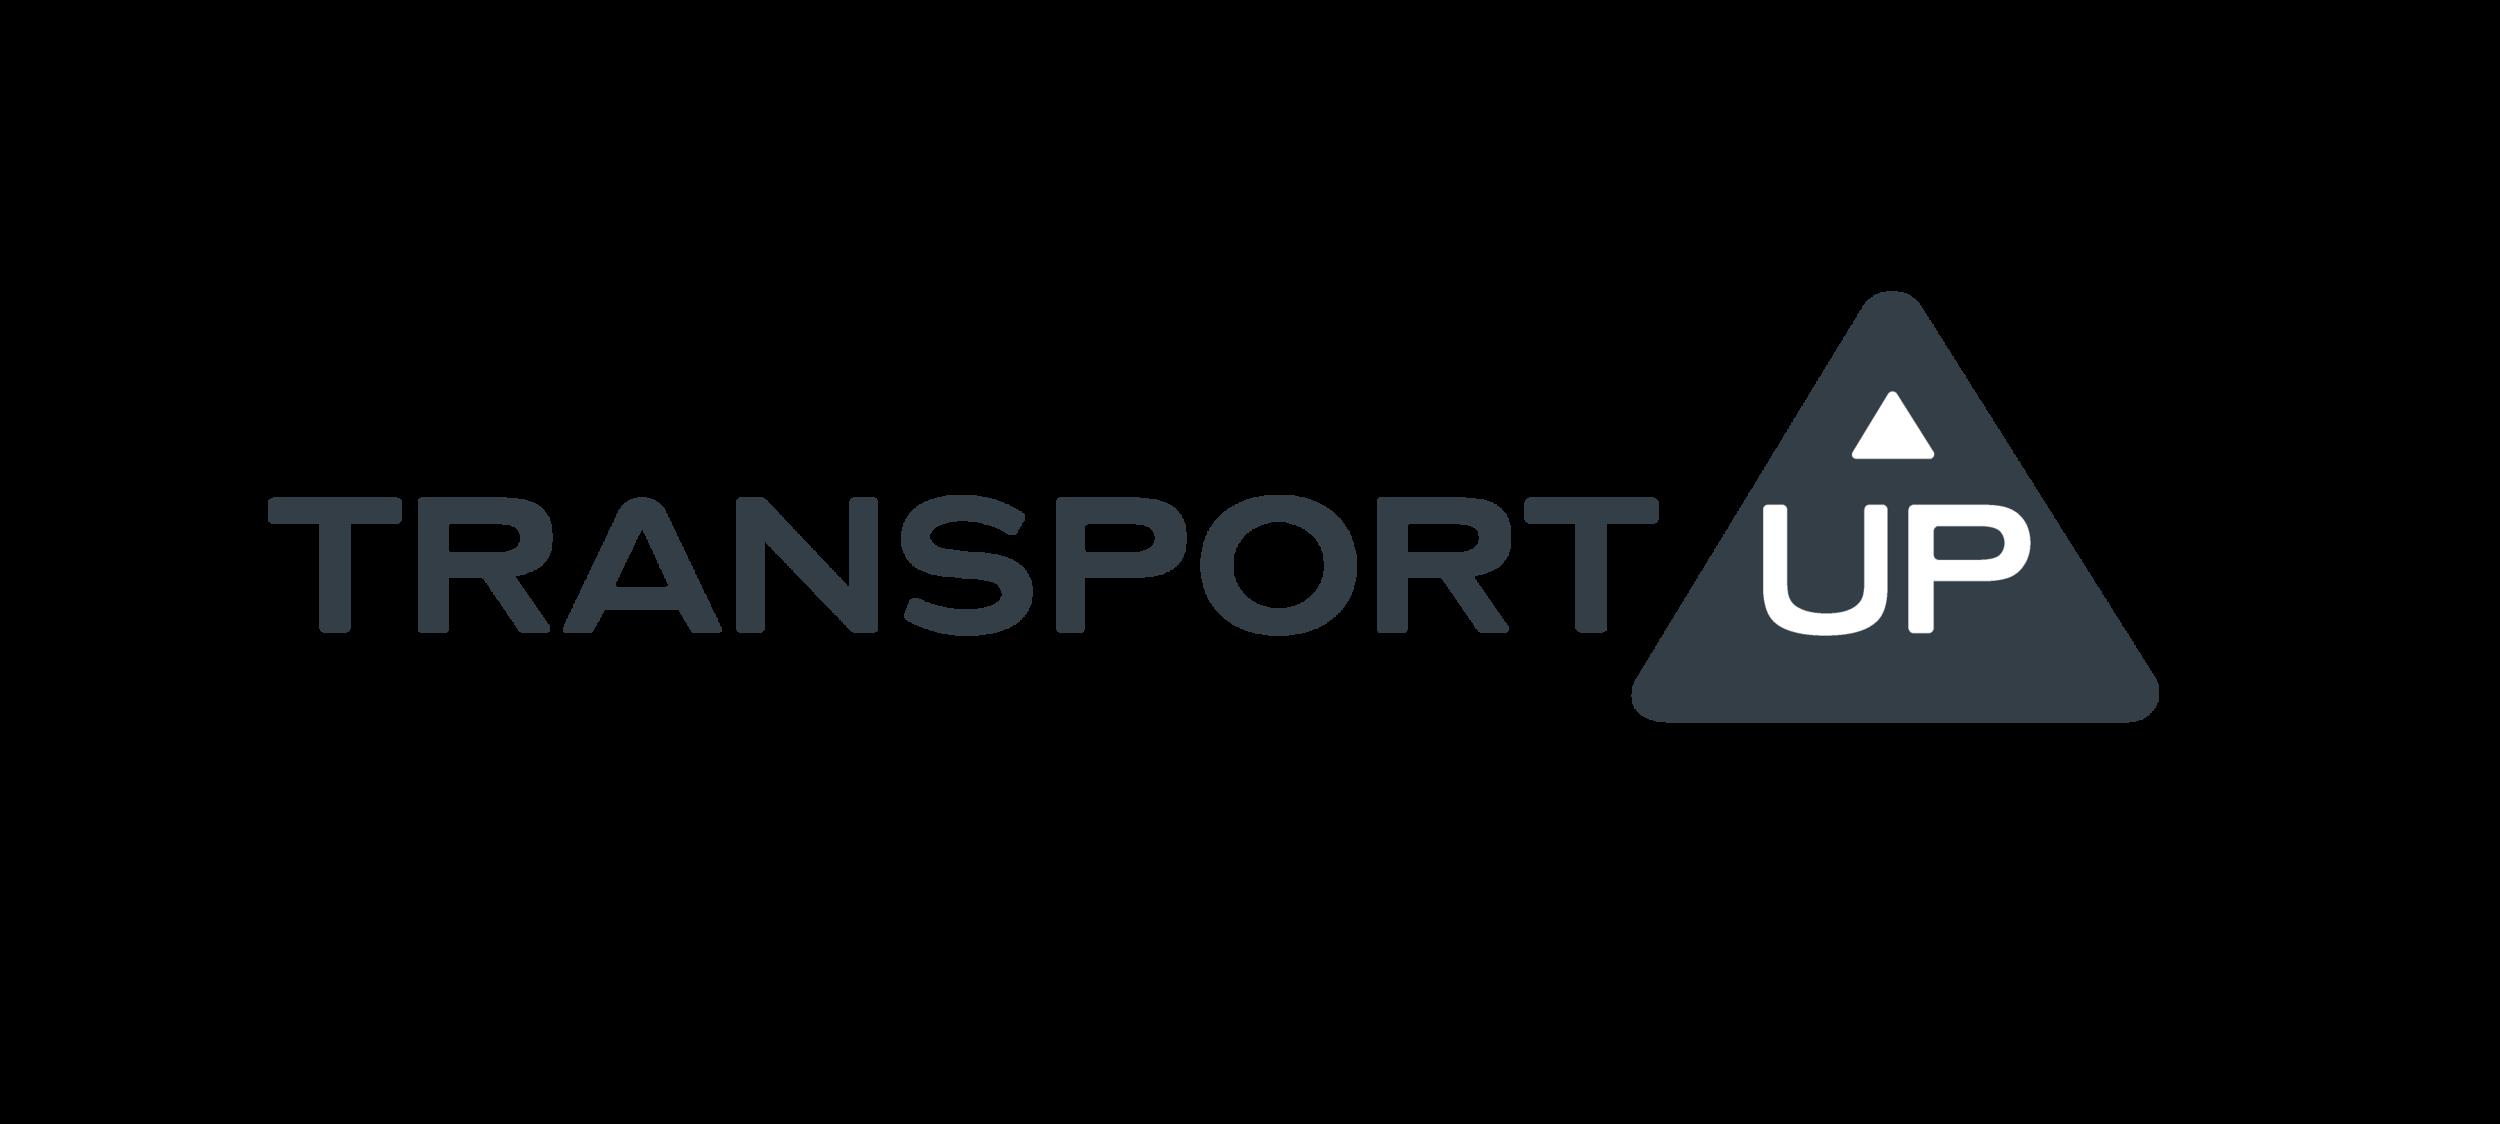 Tup-logo (4).png